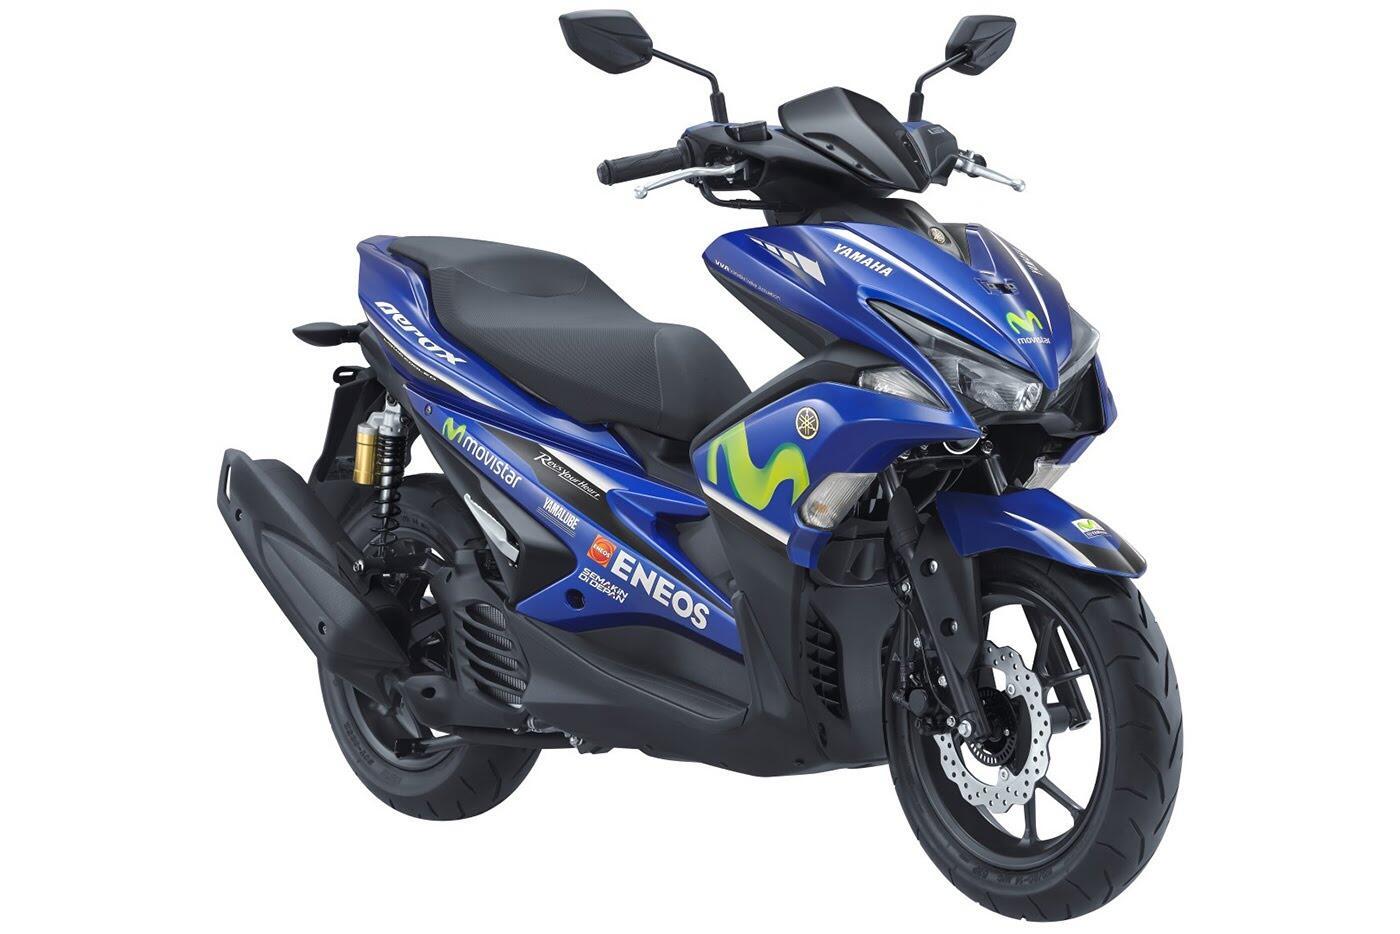 Yamaha R15 V3.0 và NVX 155 có thêm bản Movistar - Hình 2